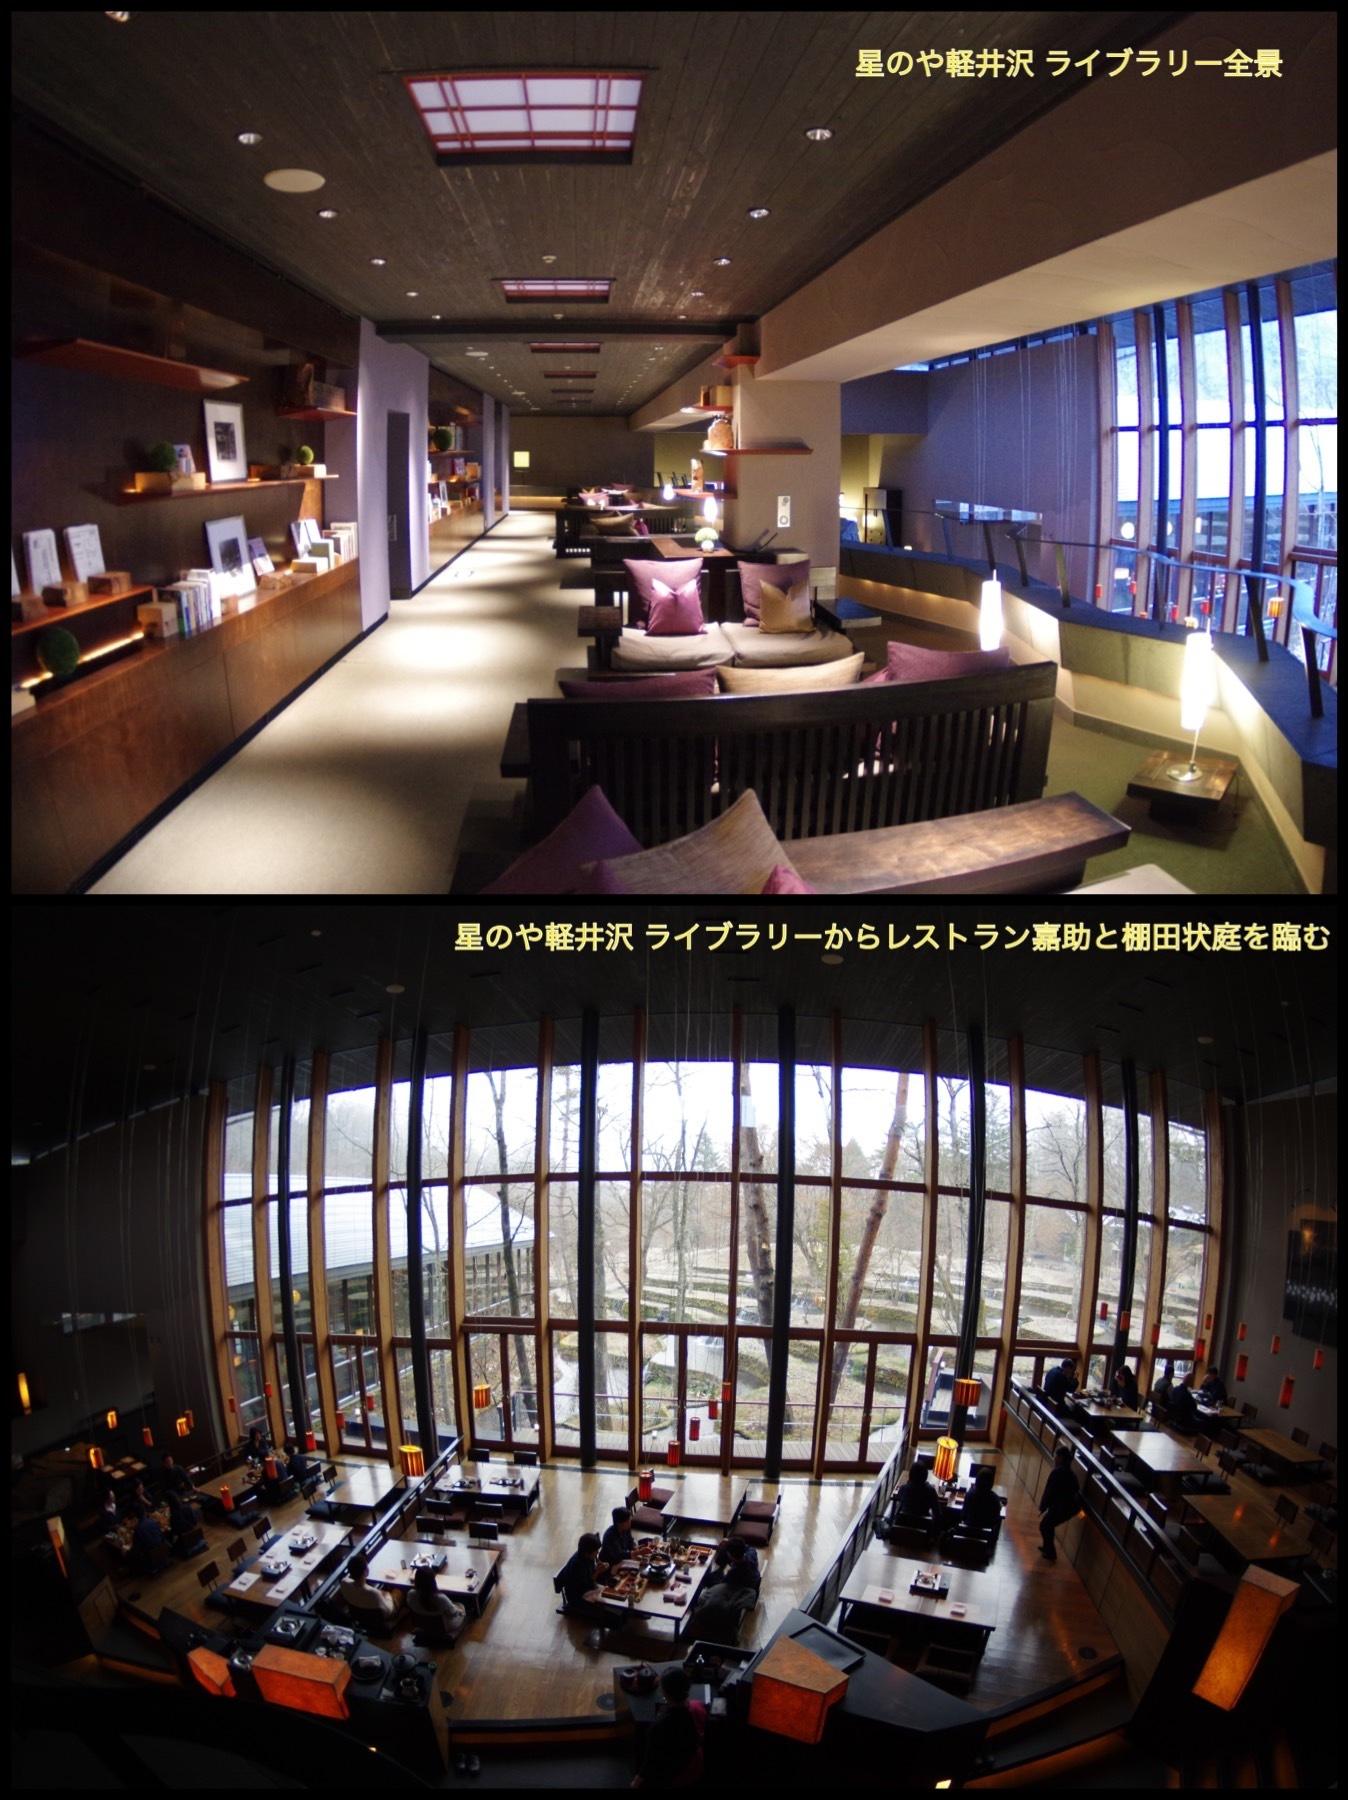 星のや軽井沢 施設 集いの館 ライブラリー